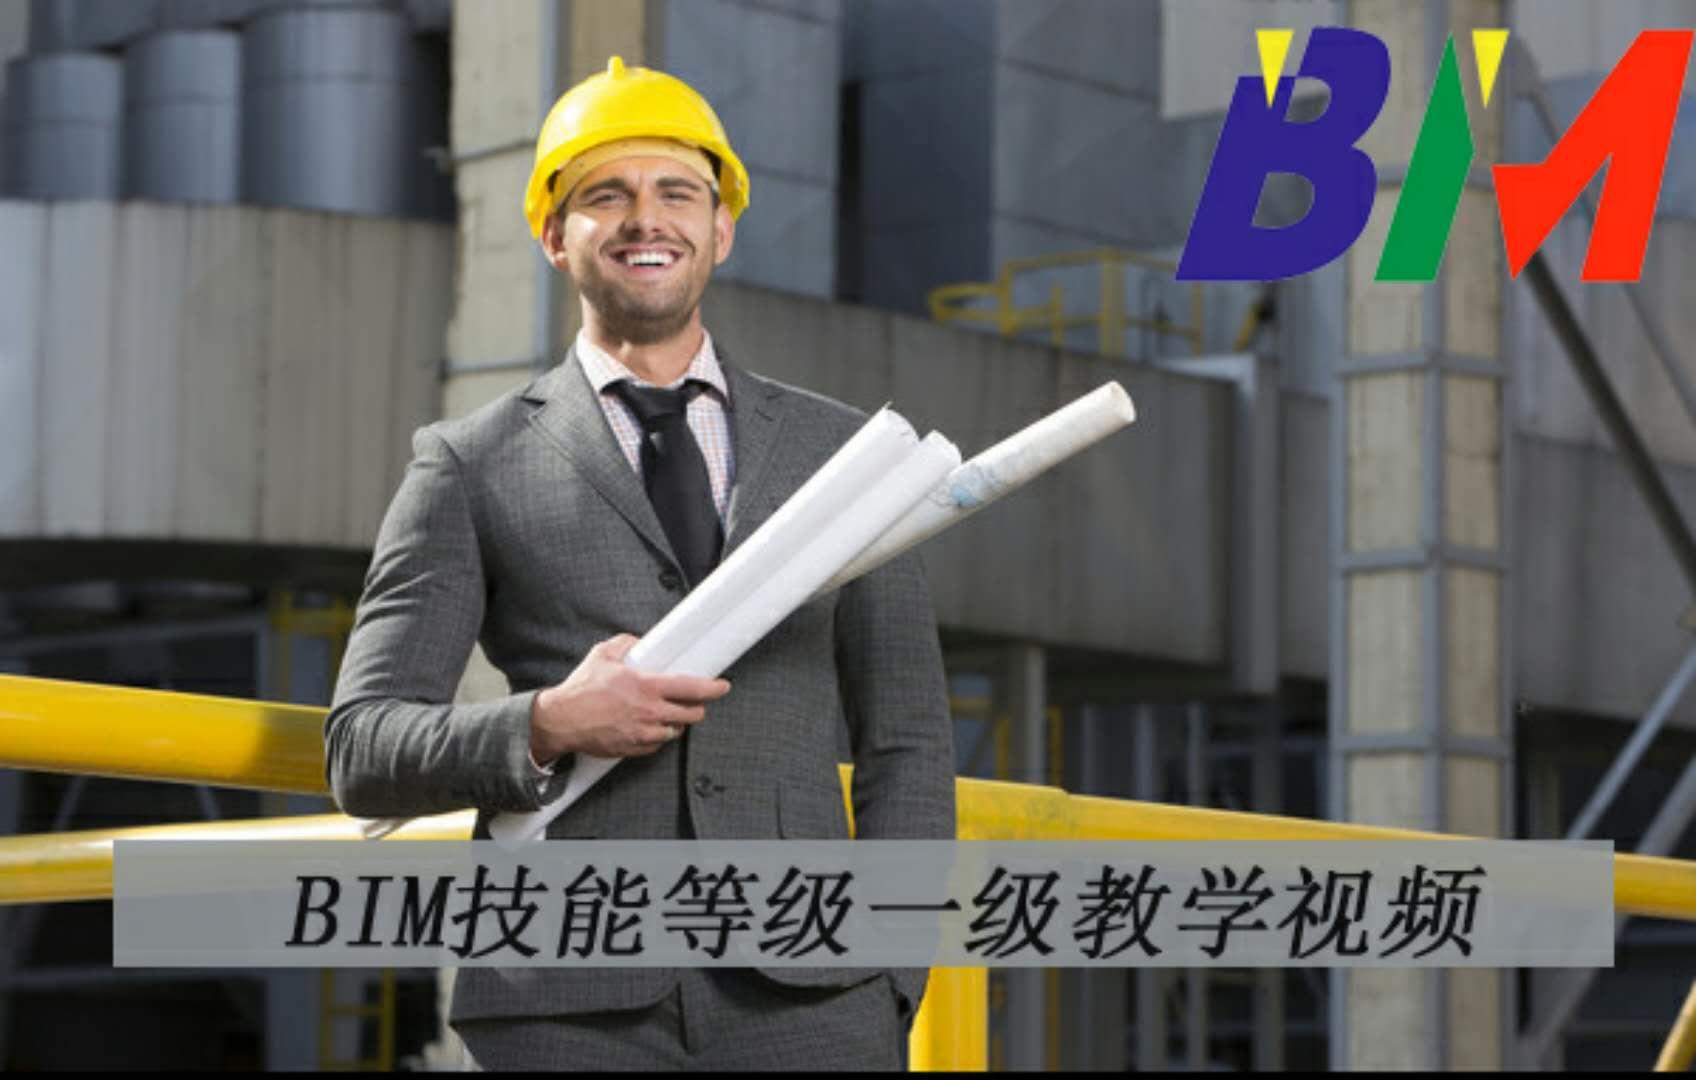 BIM技能等级一级教学视频